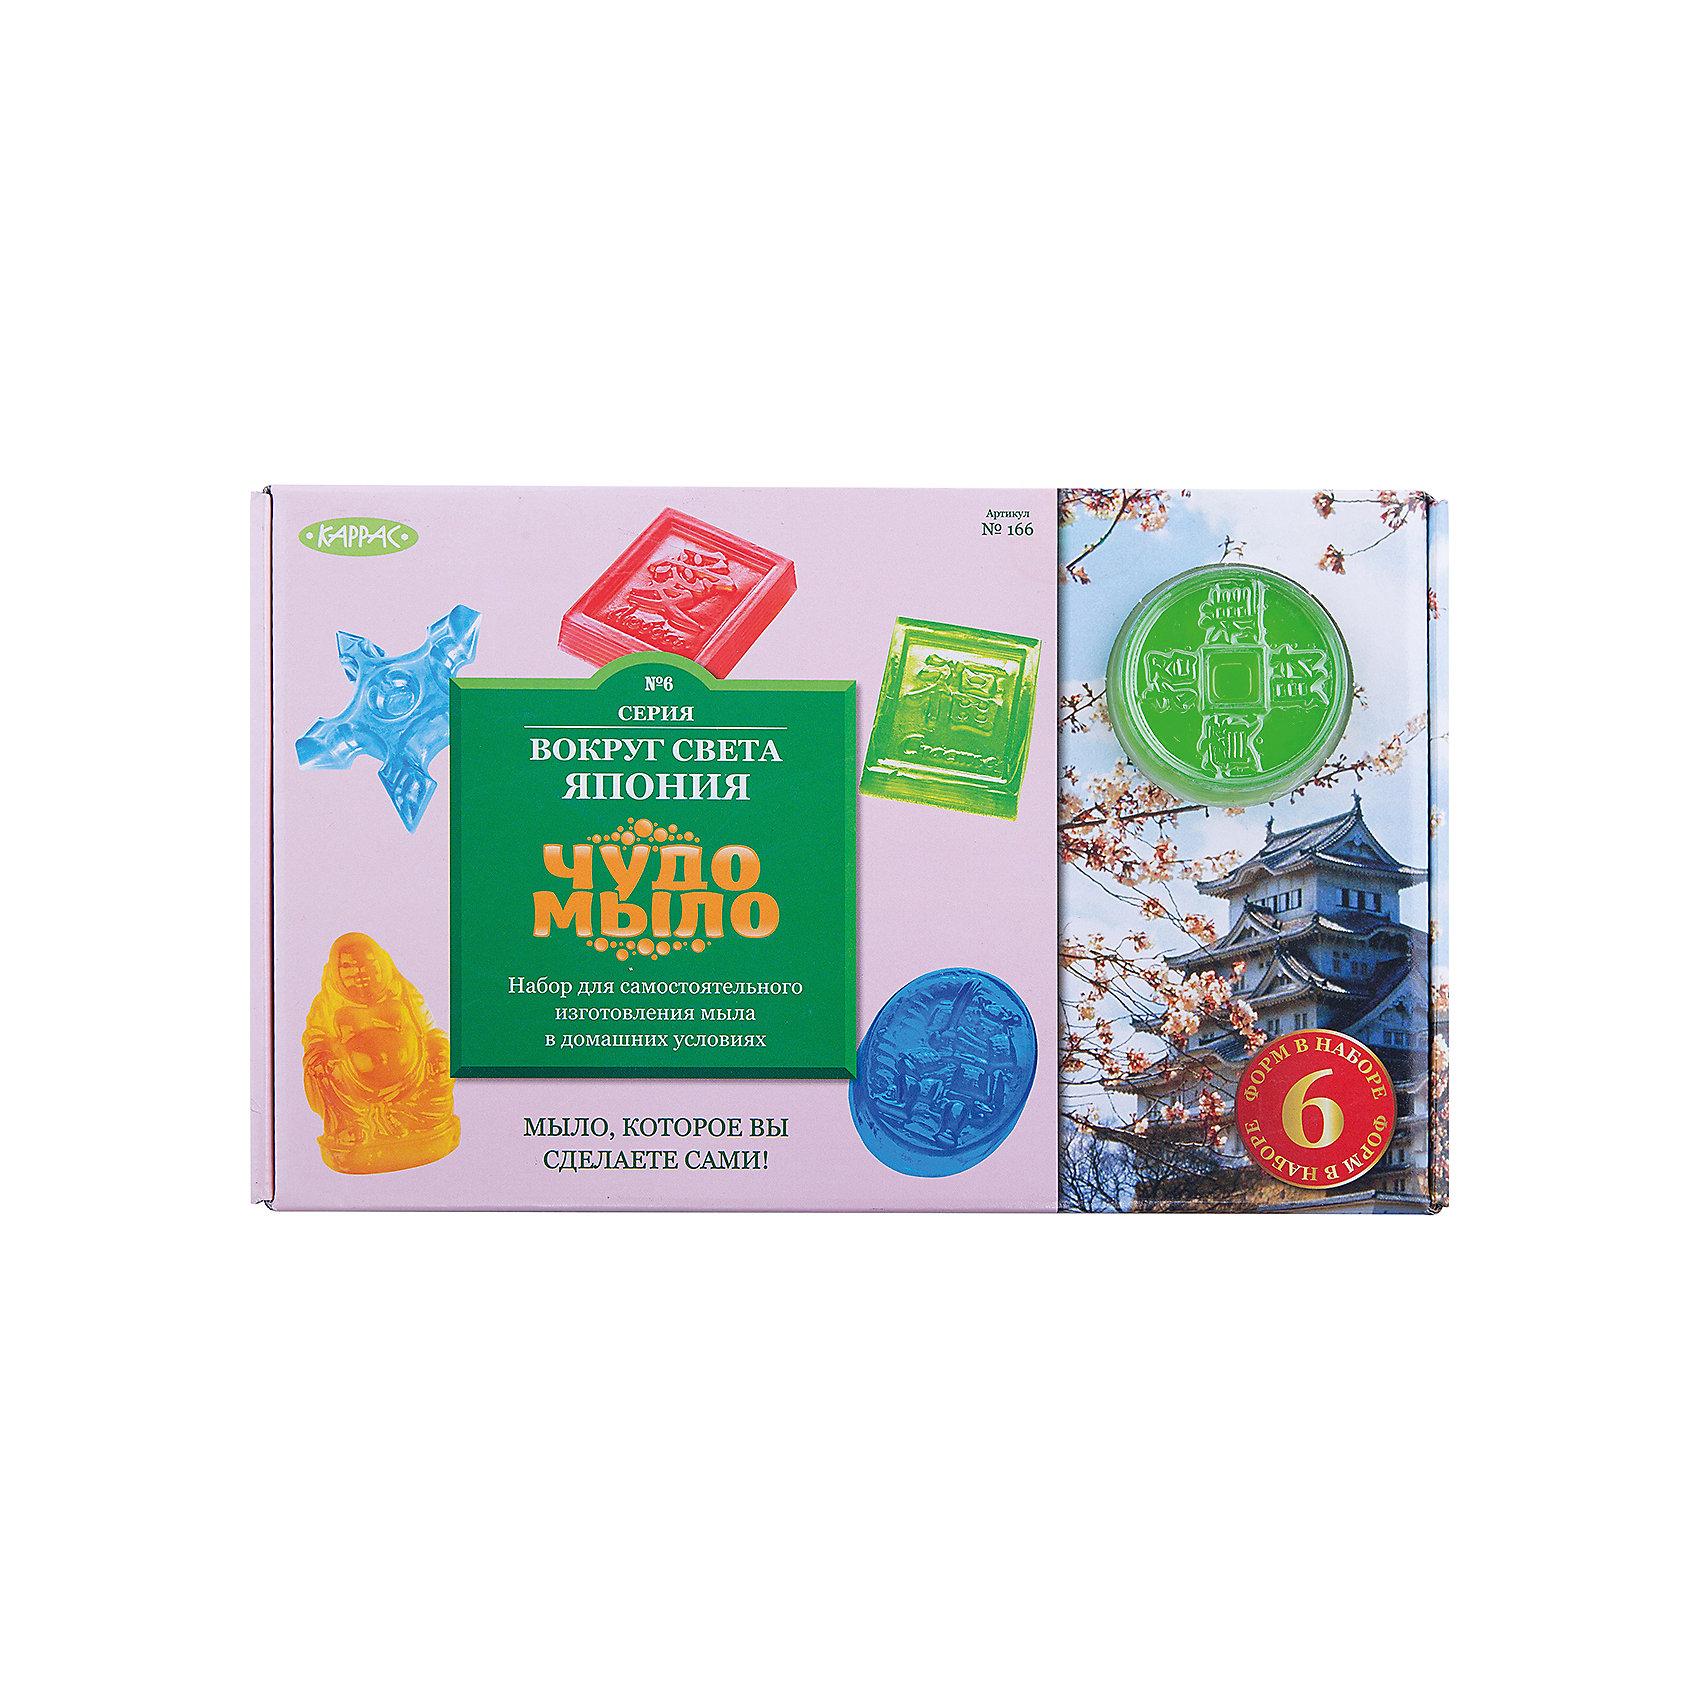 Чудо-Мыло Япония  (большой набор)Создание мыла<br>Эксклюзивный набор для создания «Чудо-мыла» своими руками. С помощью различных ингредиентов Вы сделаете неповторимые образцы мыла самых разных цветов и ароматов. Удивительное мыло ручной работы станет прекрасным подарком для Ваших друзей и близких.    <br><br>Прозрачная мыльная основа (300 г)<br>Натуральные пищевые красители 3шт<br>Натуральные ароматизаторы 3шт<br> Глиняная чаша  для микроволновой печи  <br> Деревянные палочки 3шт.<br> Защитные перчатки 2 пары<br> Формы для мыла 6 шт.<br><br>Ширина мм: 320<br>Глубина мм: 70<br>Высота мм: 200<br>Вес г: 890<br>Возраст от месяцев: 96<br>Возраст до месяцев: 180<br>Пол: Унисекс<br>Возраст: Детский<br>SKU: 5083866